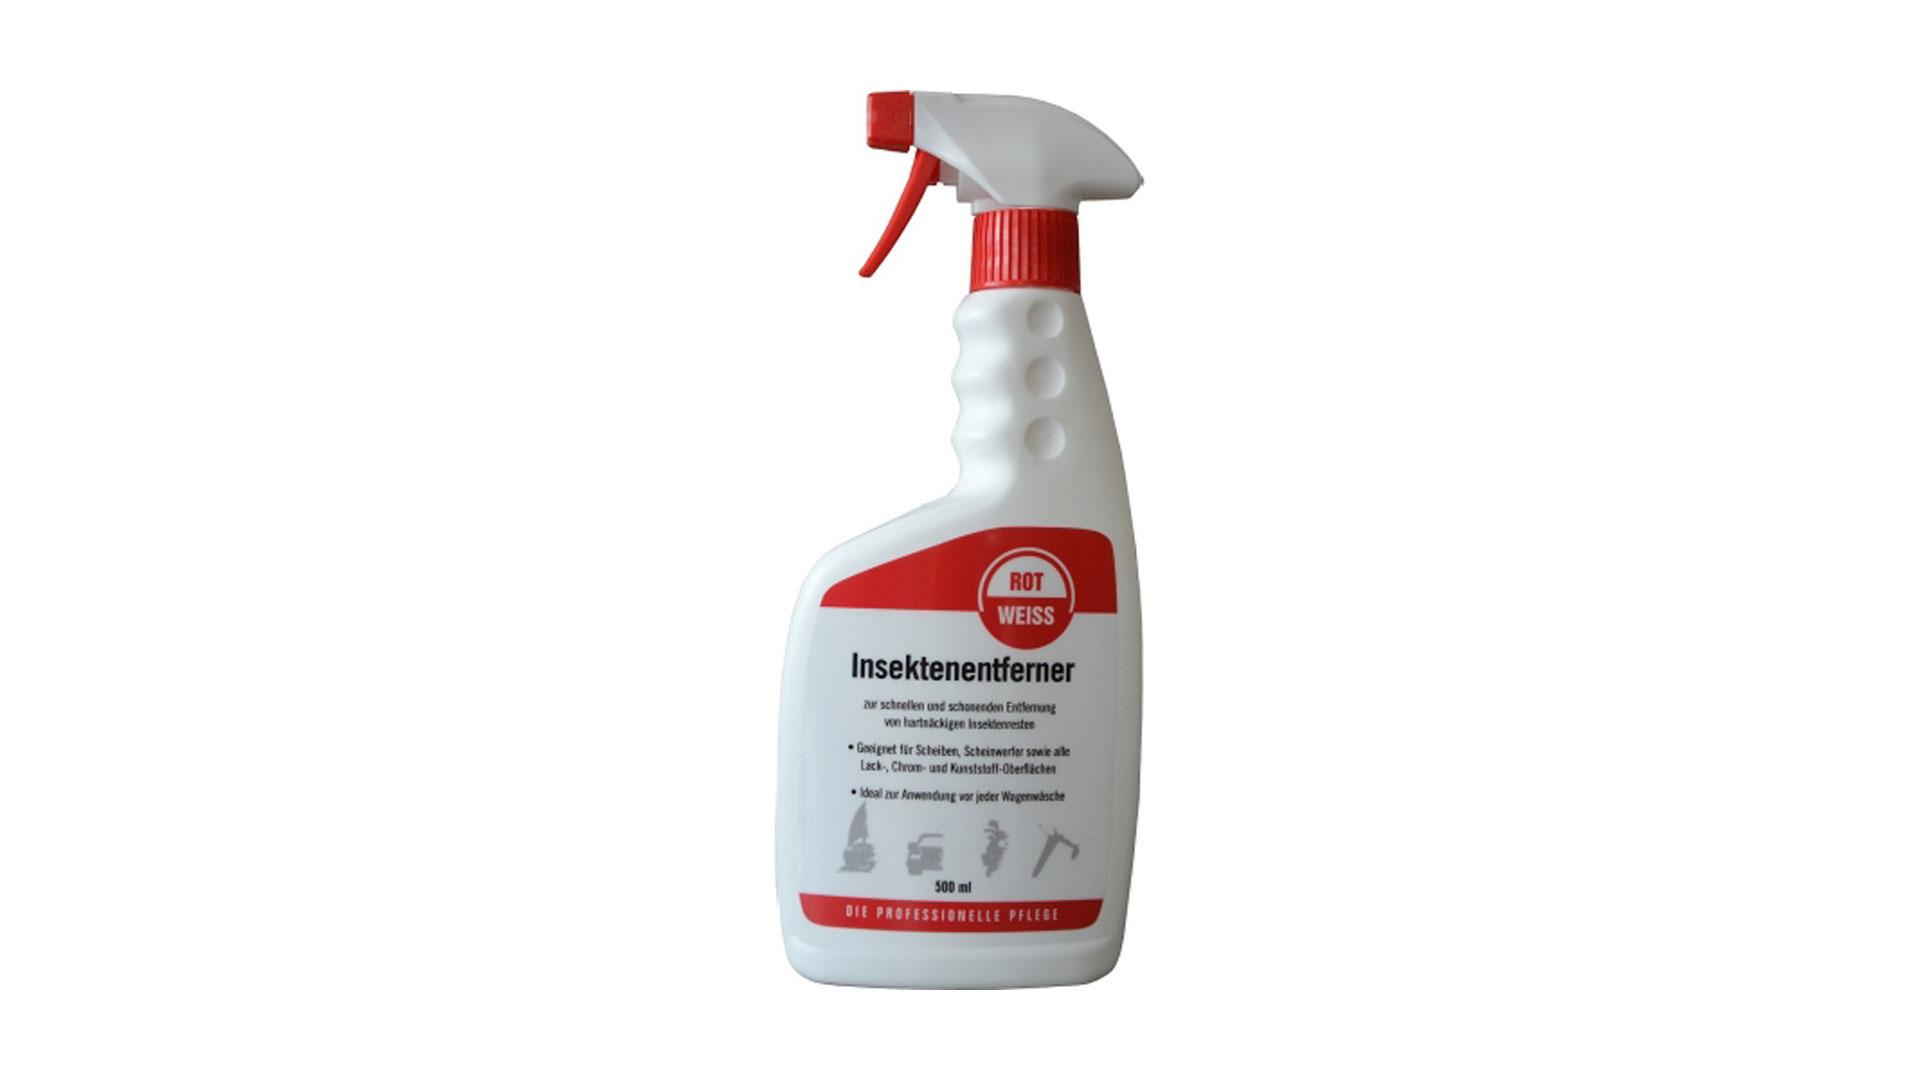 ROTWEISS-Insektenentferner-500ml-1